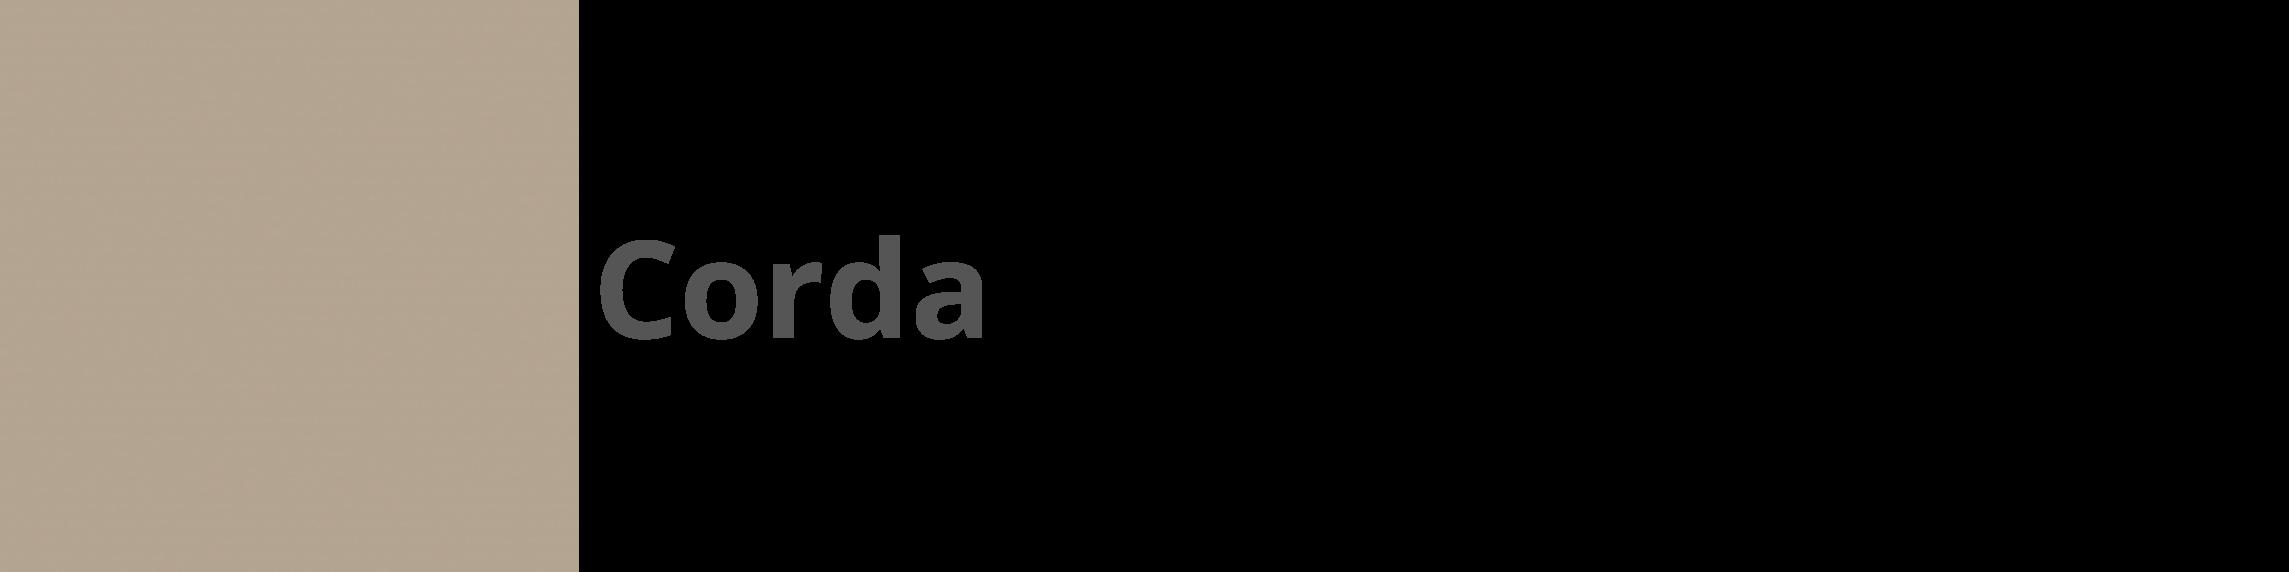 8066-Corda